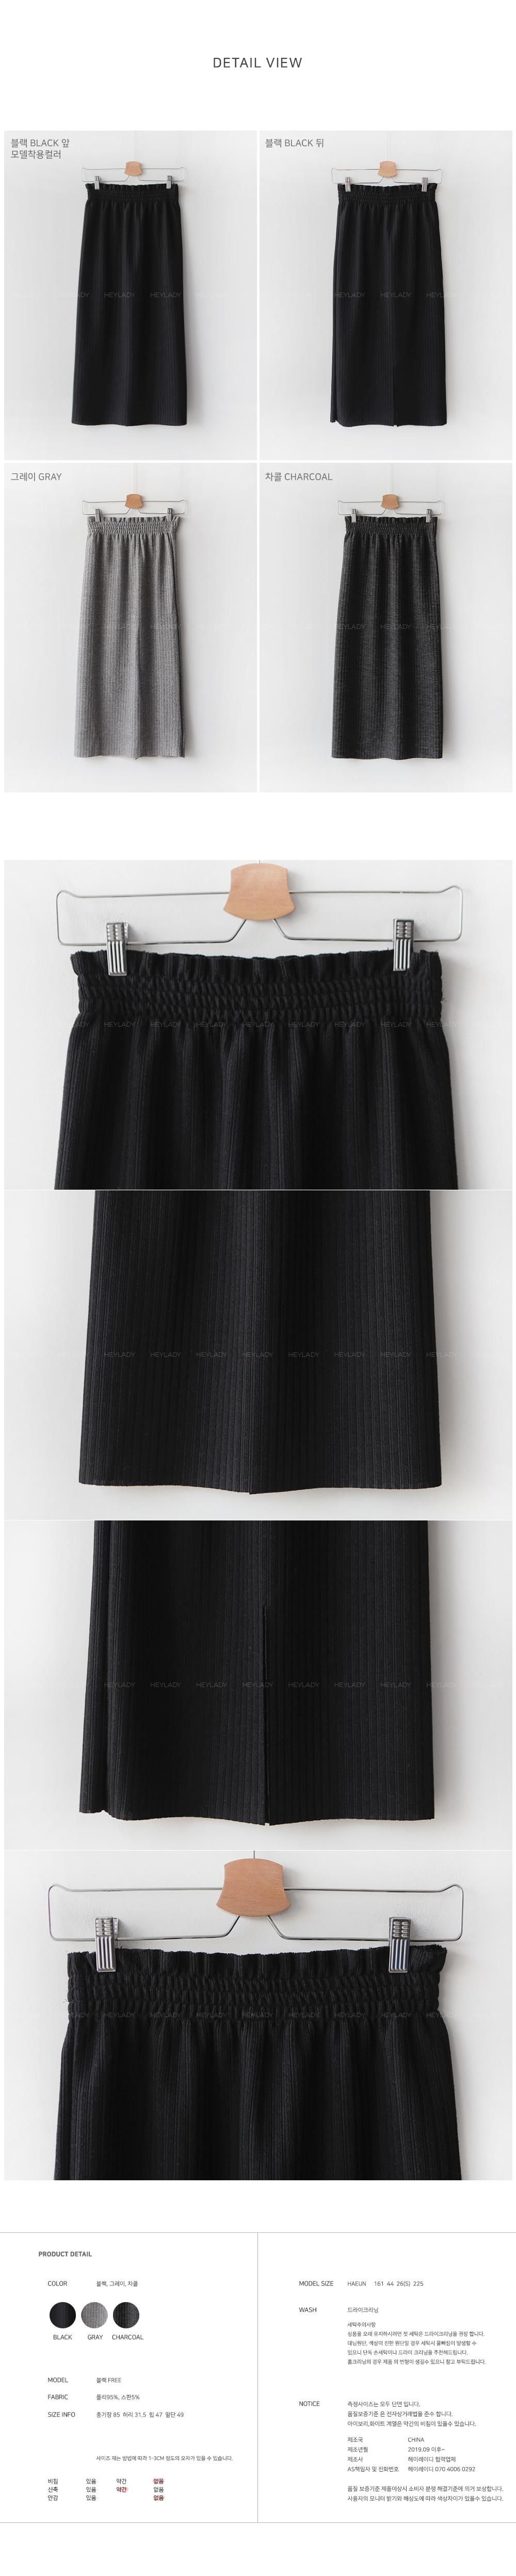 Faerie Ribbed Skirt